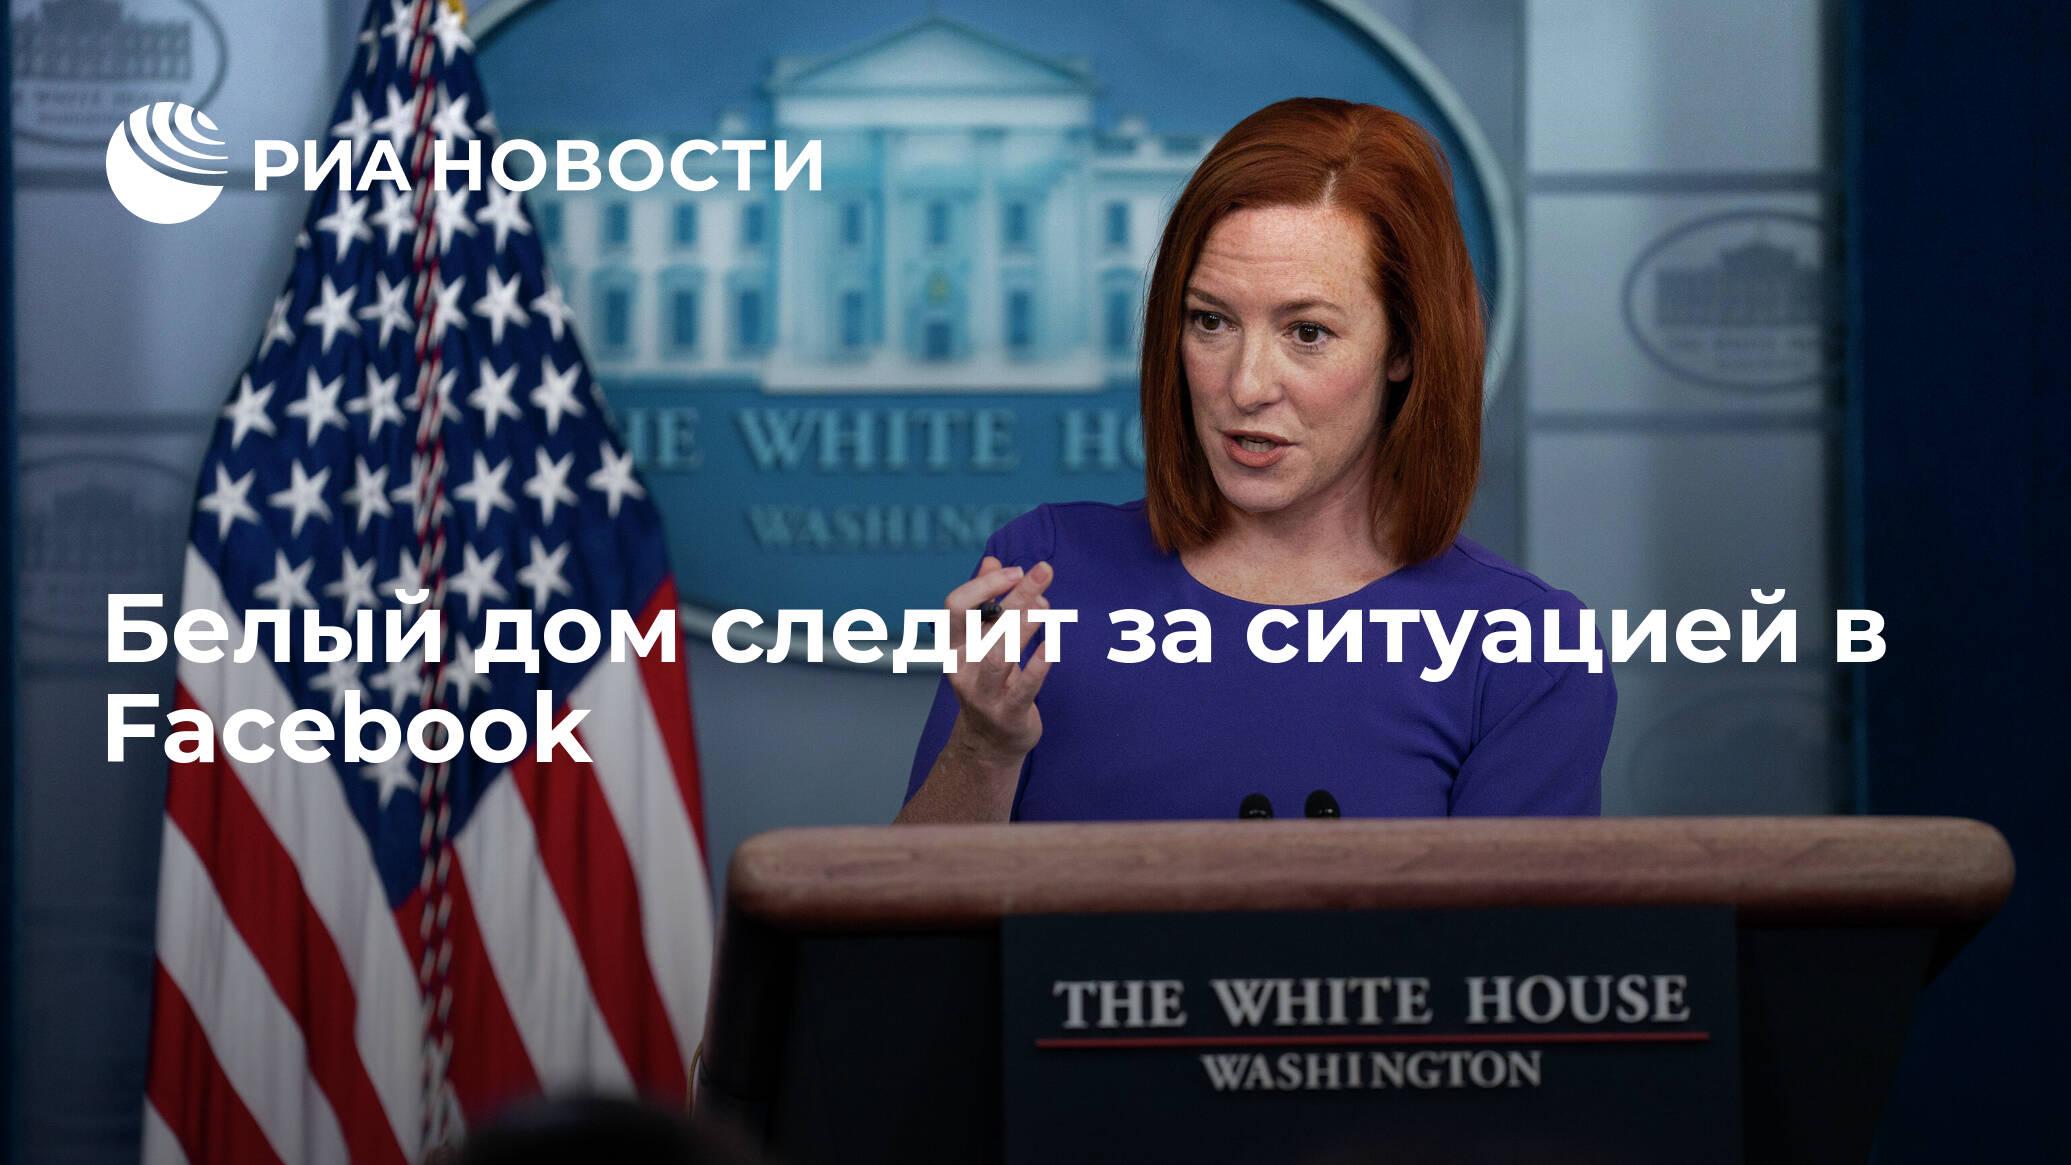 Белый дом следит за ситуацией в Facebook